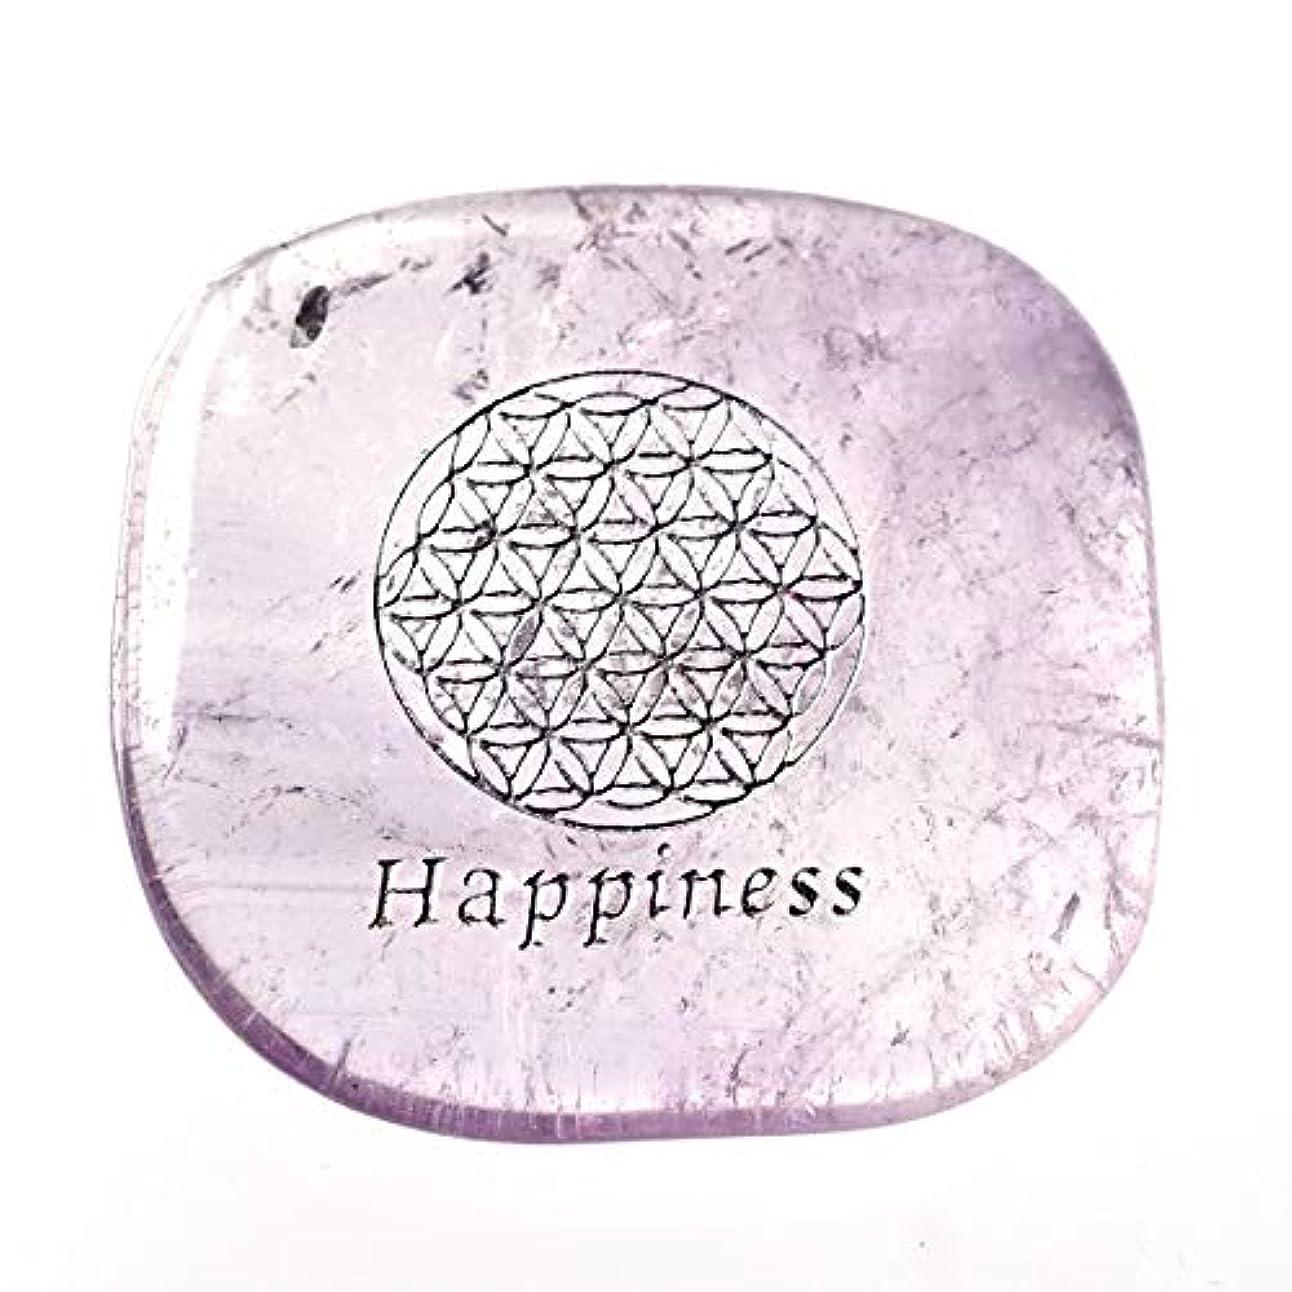 ロック解除司書ファンドLUCAS ビジョンストーン(アメジスト) フラワーオブライフ (Healing 癒し/Happiness 幸福)